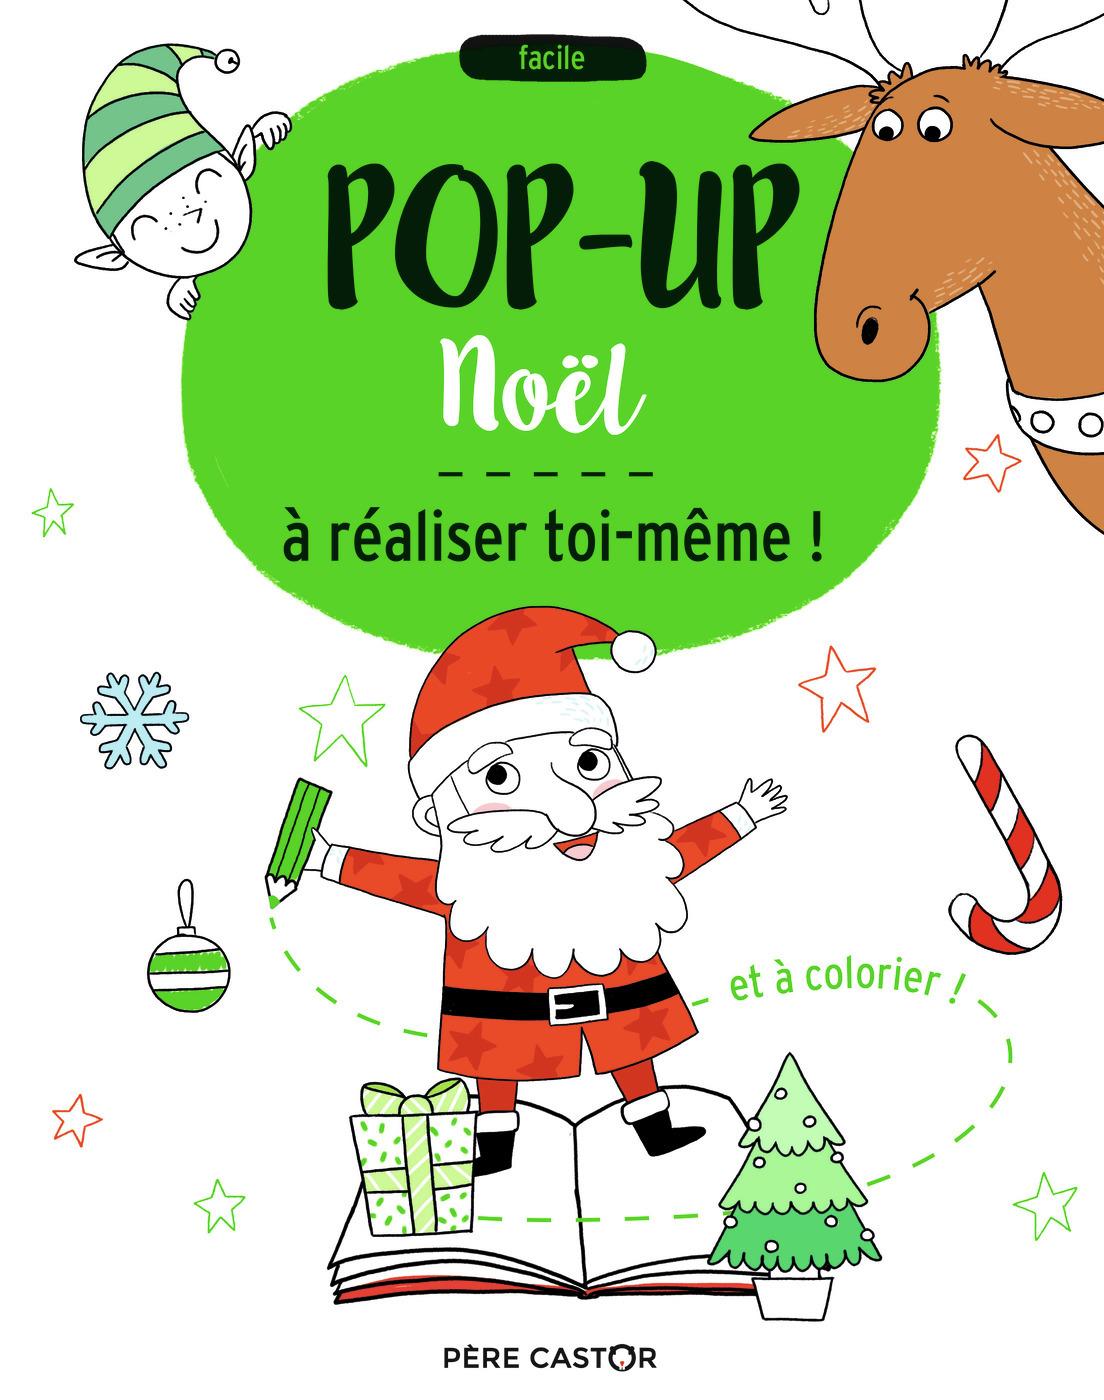 POP-UP NOEL A REALISER TOI-MEME !